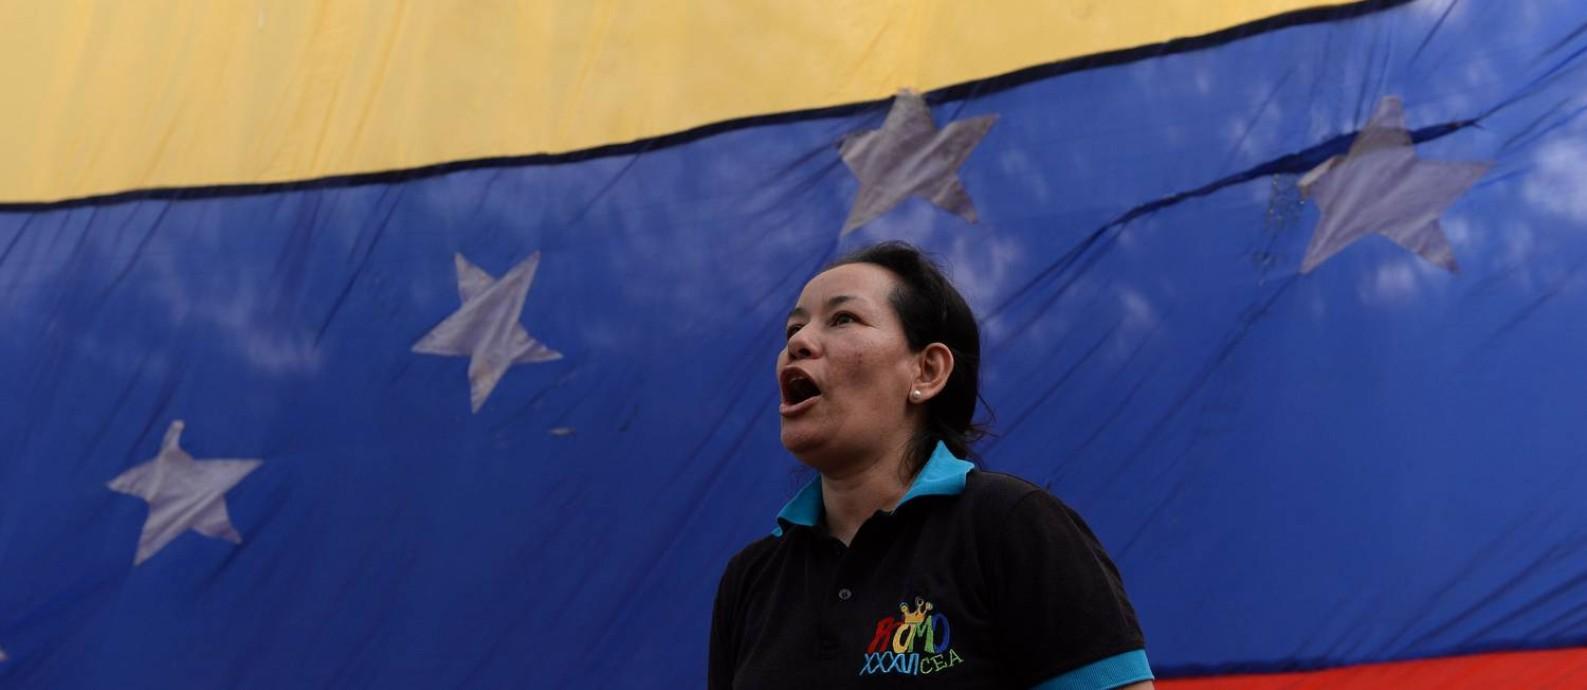 Mulher em frente à bandeira da Venezuela durante manifestação em Caracas; clima político é tenso no país sul-americano Foto: FEDERICO PARRA / AFP